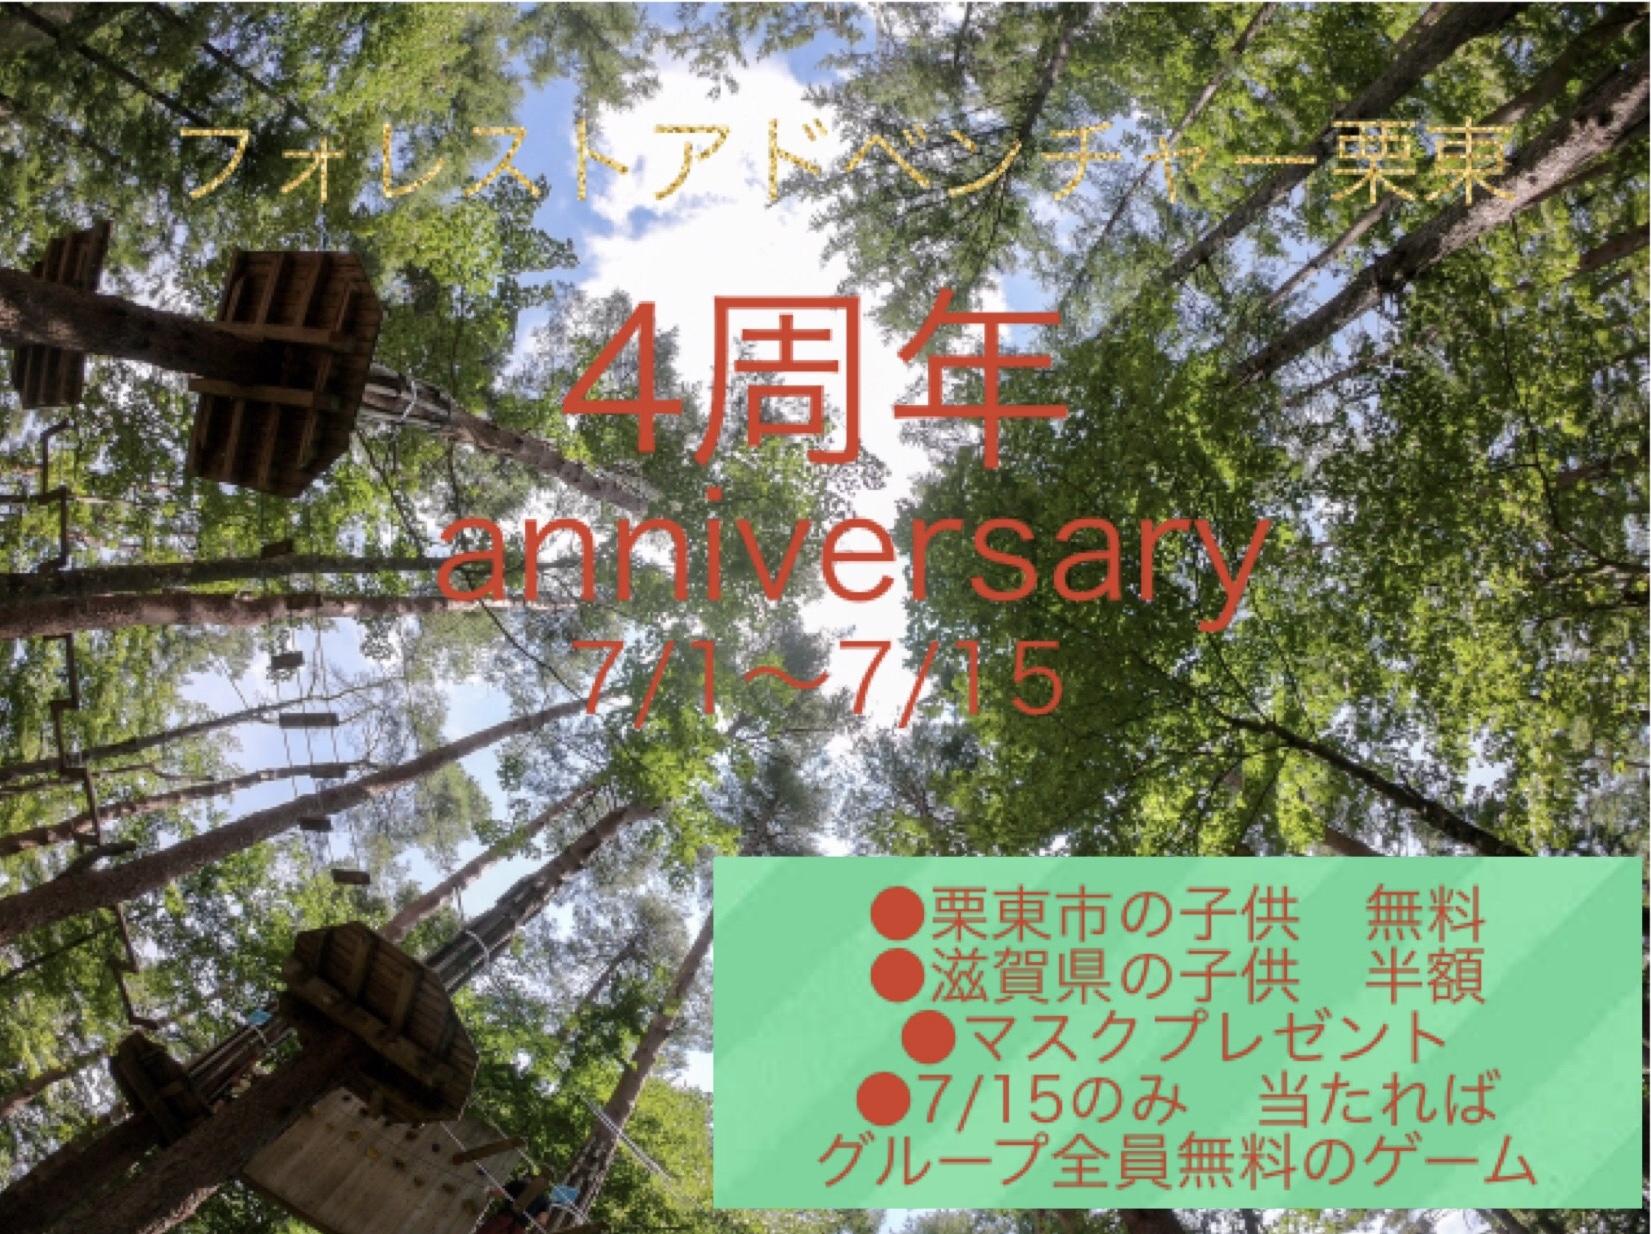 栗東市の子は無料‼滋賀県内の子は半額‼当てればグループ全員無料になるゲームも‼【~7/15】フォレストアドベンチャー栗東 4周年Anniversaryキャンペーン